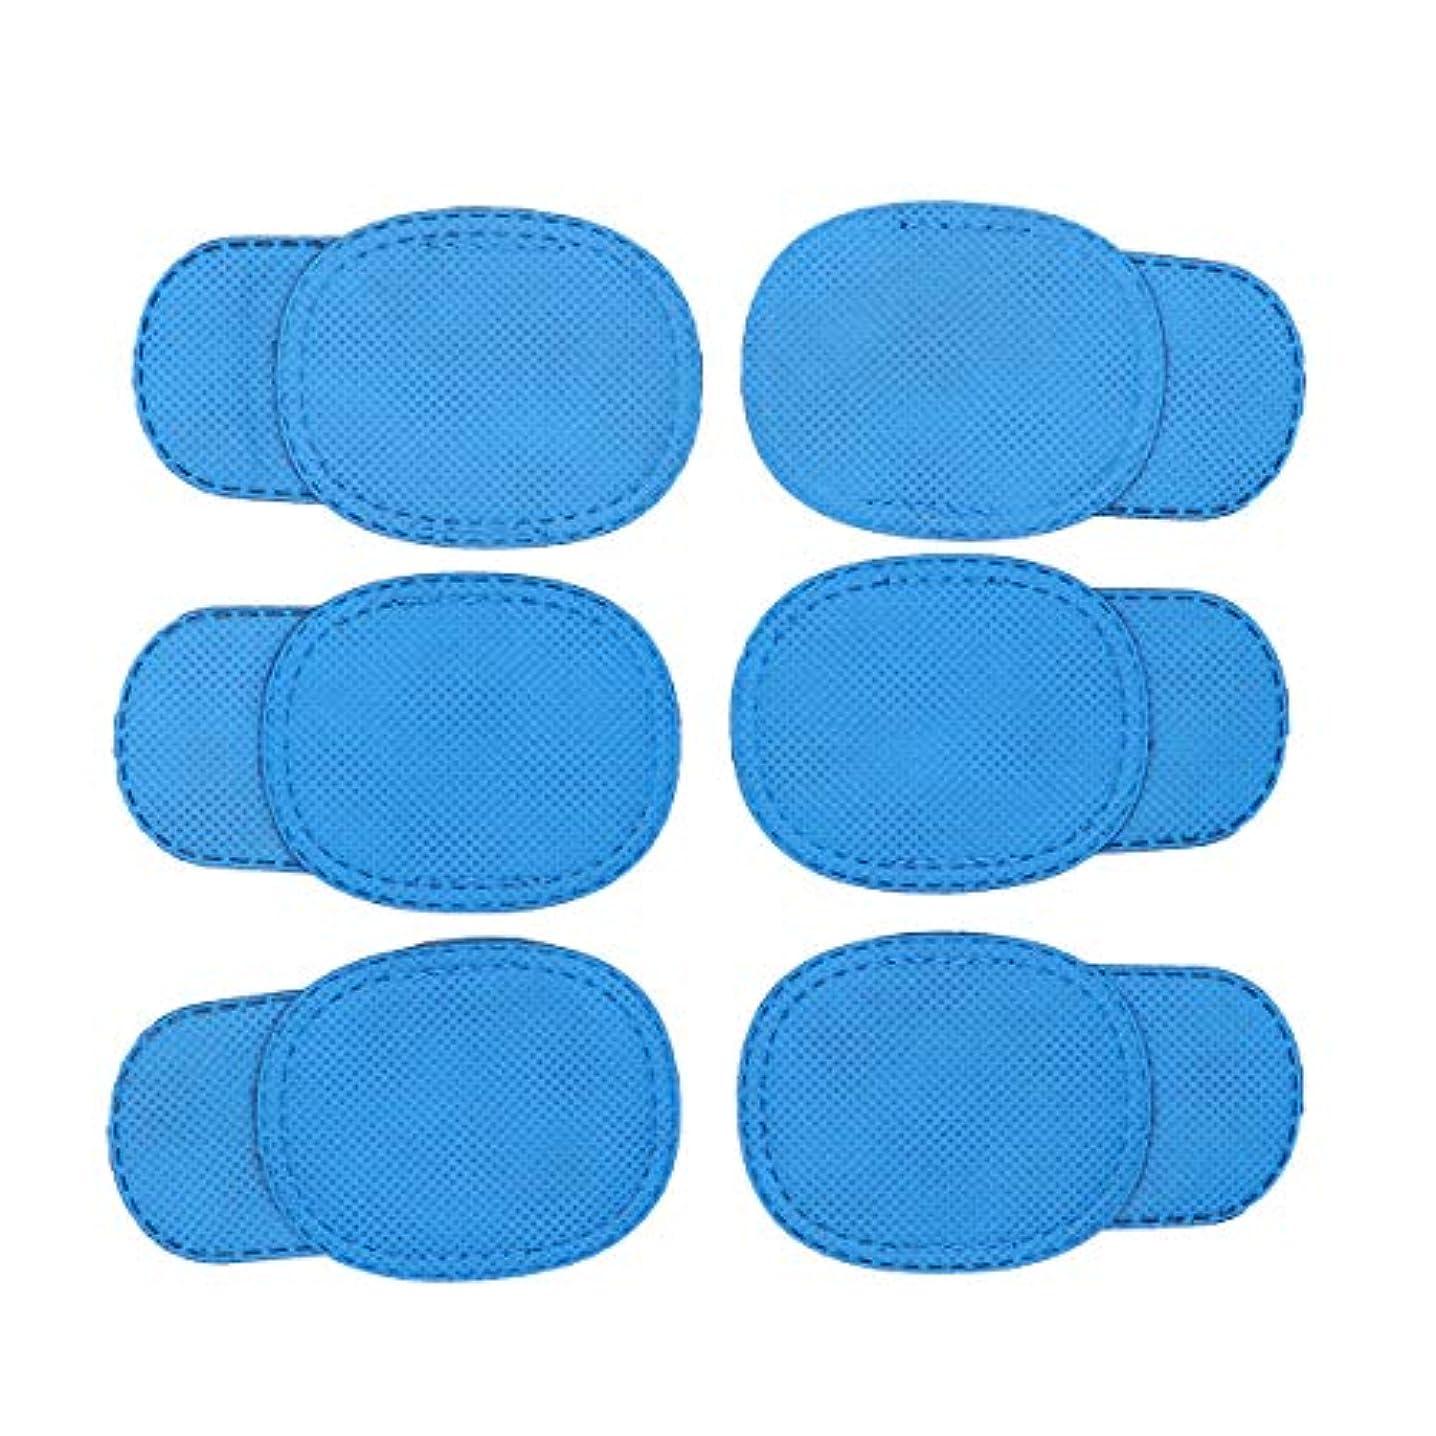 ピッチャー検査官創造Healifty メガネのための12個の弱視アイパッチは子供のための怠惰な目と斜視を扱います子供(ブルー)